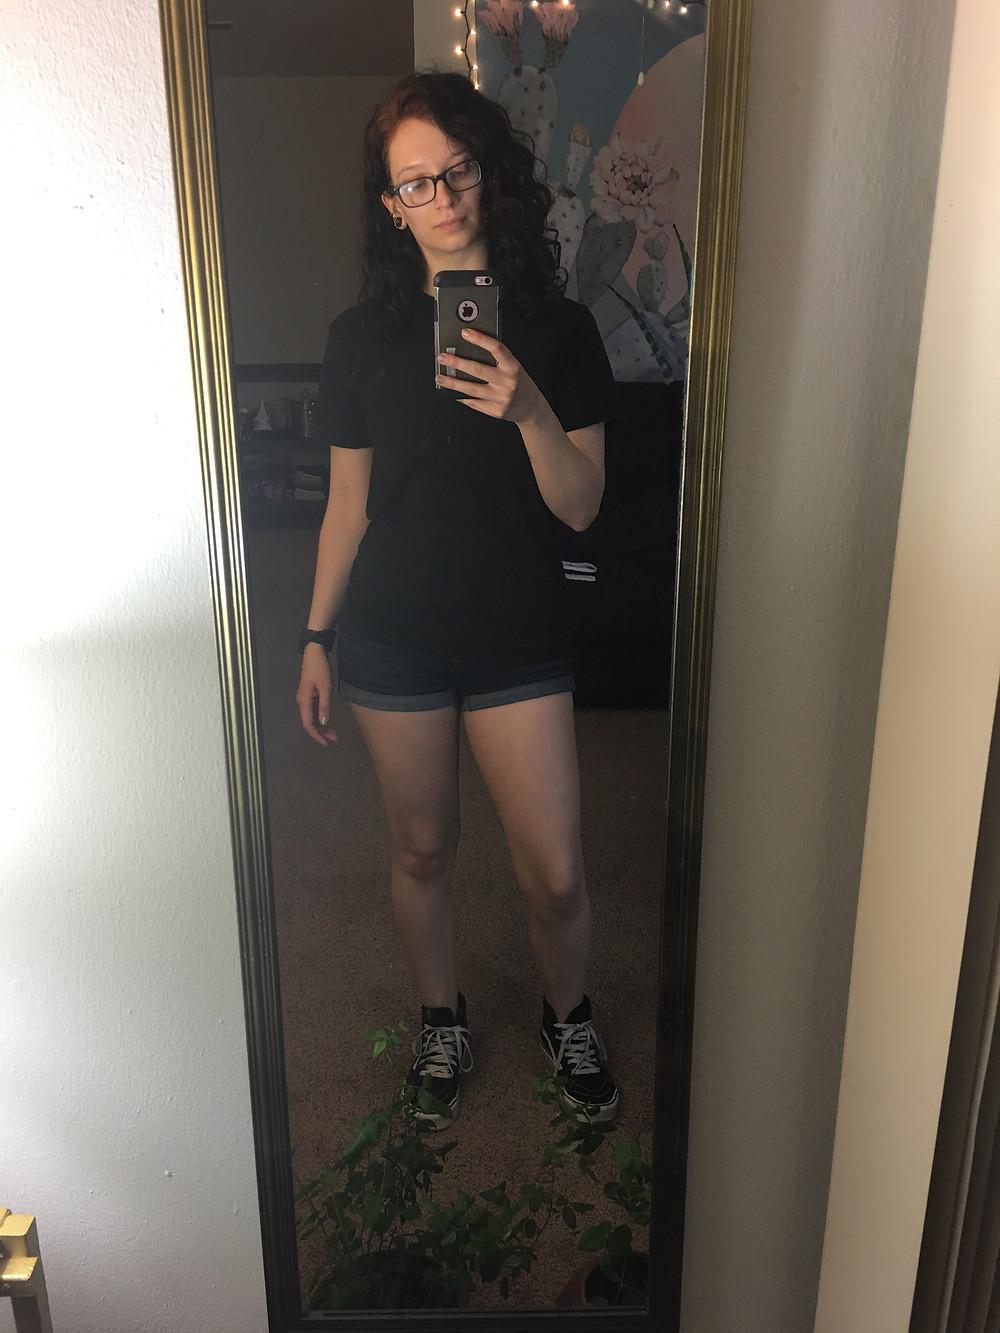 Same shirt, same shoes, plus dark denim shorts